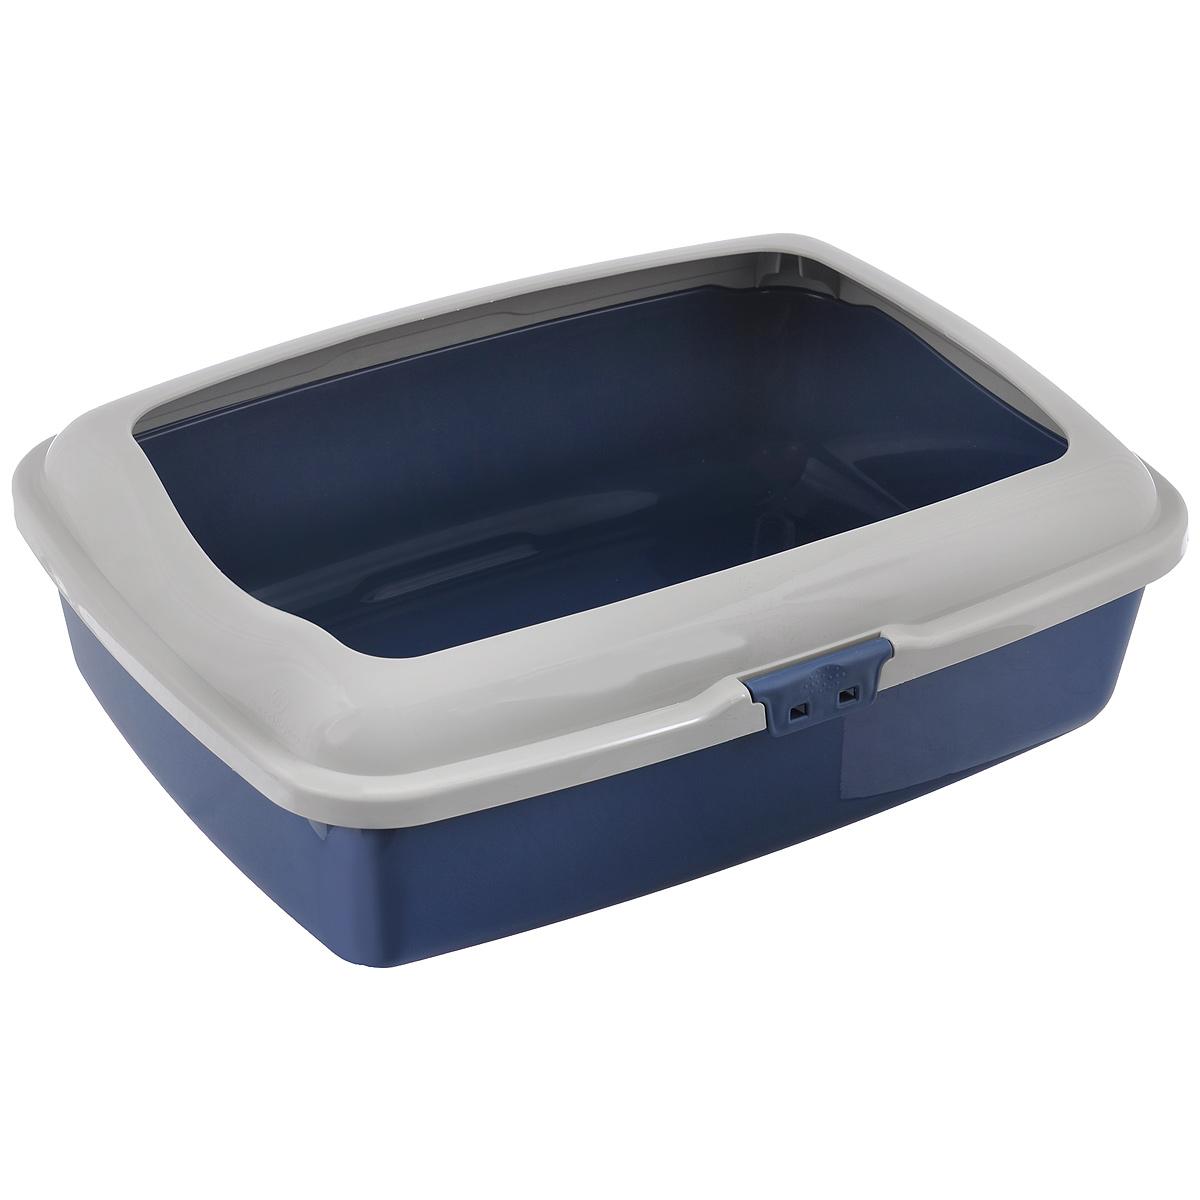 Туалет для кошек Marchioro Goa, с бортом, цвет: синий, бежевый, 48,5 см х 36 см х 16 см0120710Туалет для кошек Marchioro Goa изготовлен из высококачественного итальянского пластика с полированной поверхностью. Высокий борт, прикрепленный к периметру лотка, удобно защелкивается и предотвращает разбрасывание наполнителя. Благодаря специальным резиновым ножкам туалет не скользит по полу.